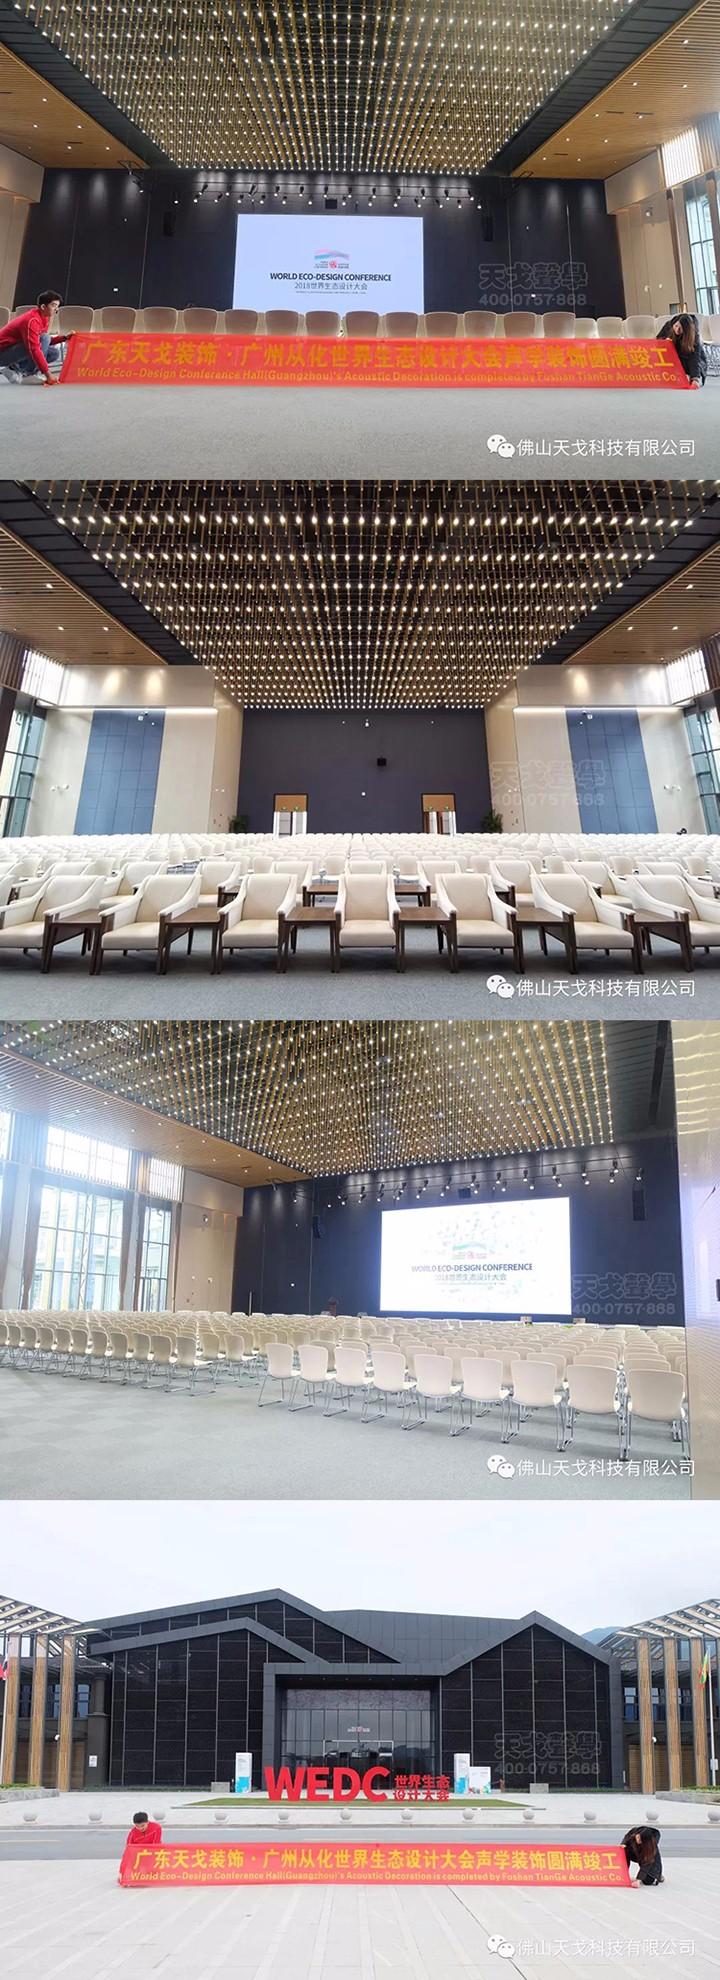 首届世界生态设计大会会址